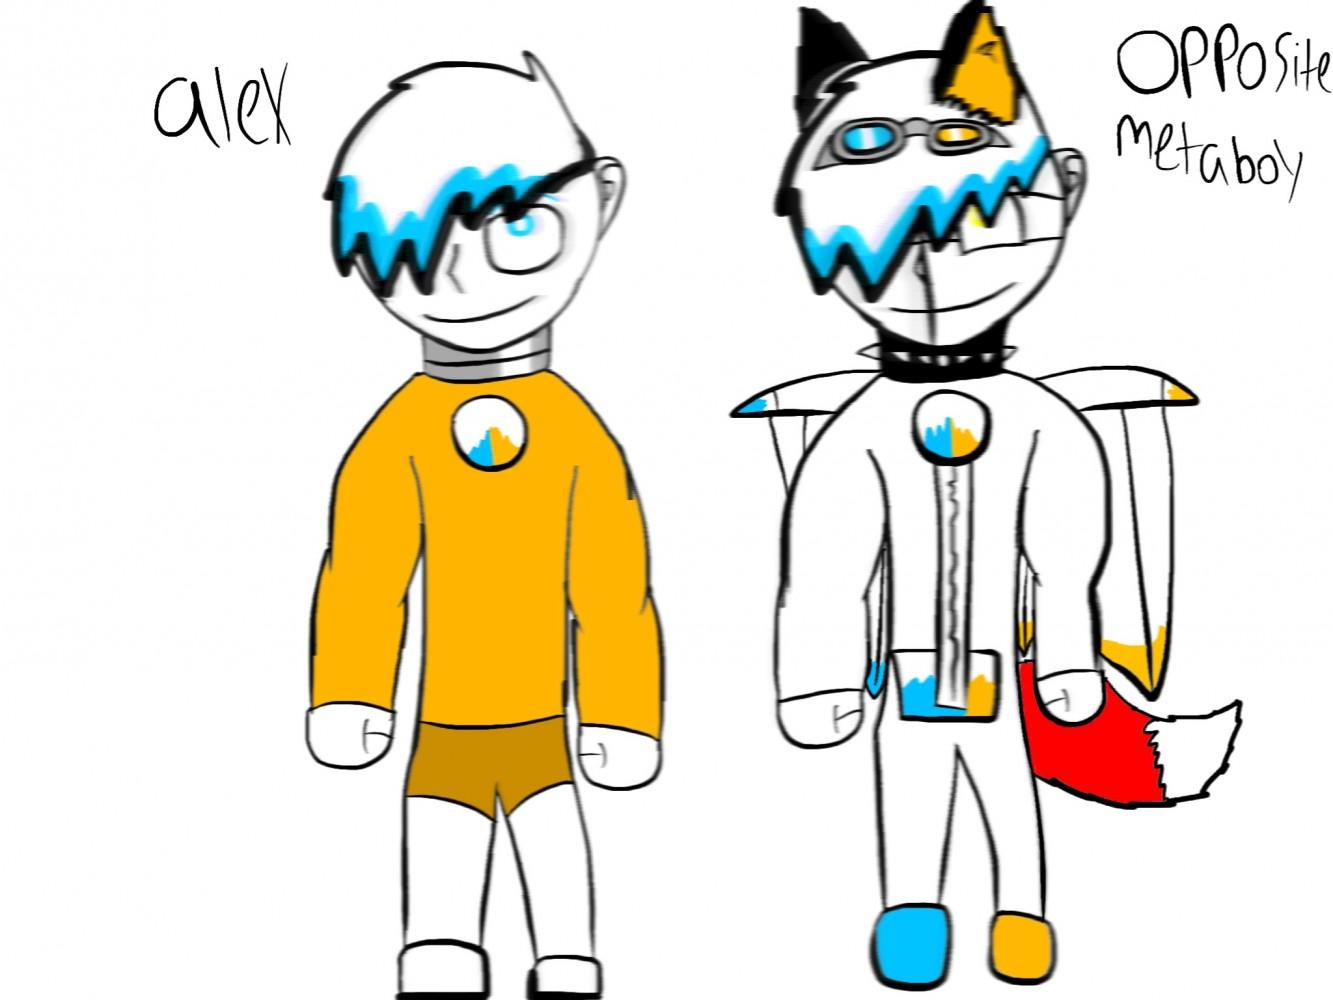 Alex and opposite metaboy by Sammygamer